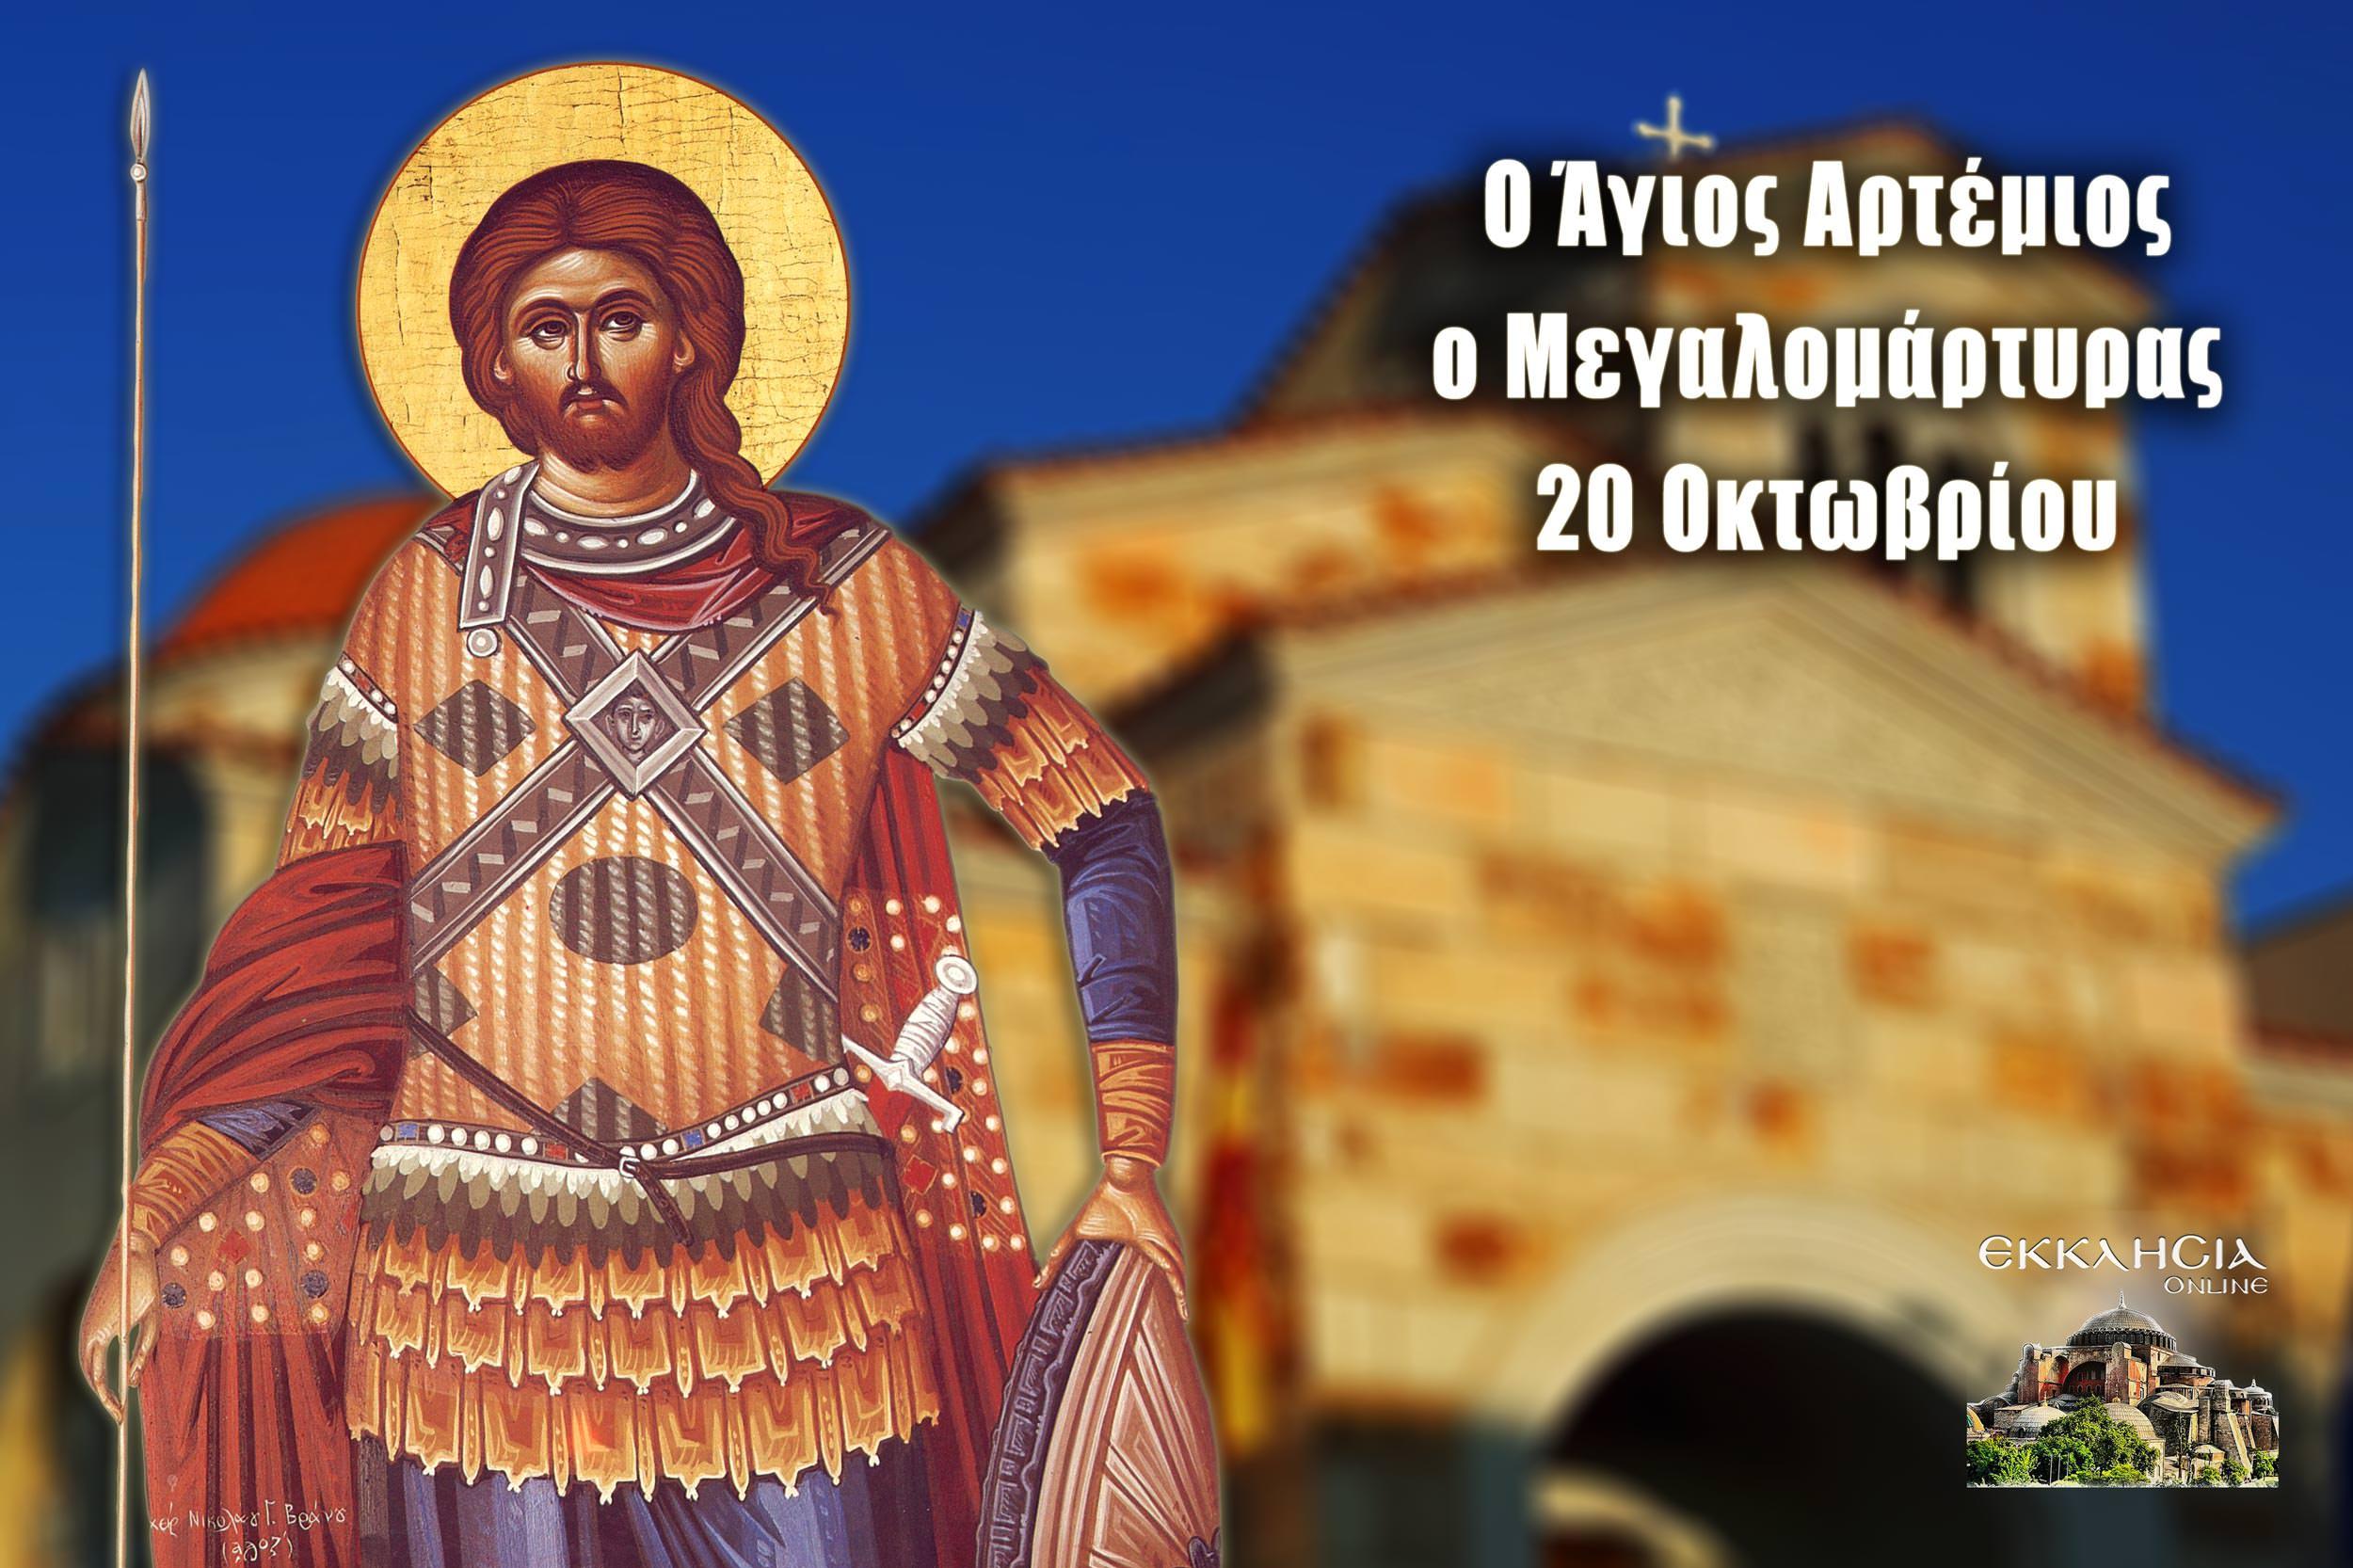 Άγιος Αρτέμιος 20 Οκτωβρίου